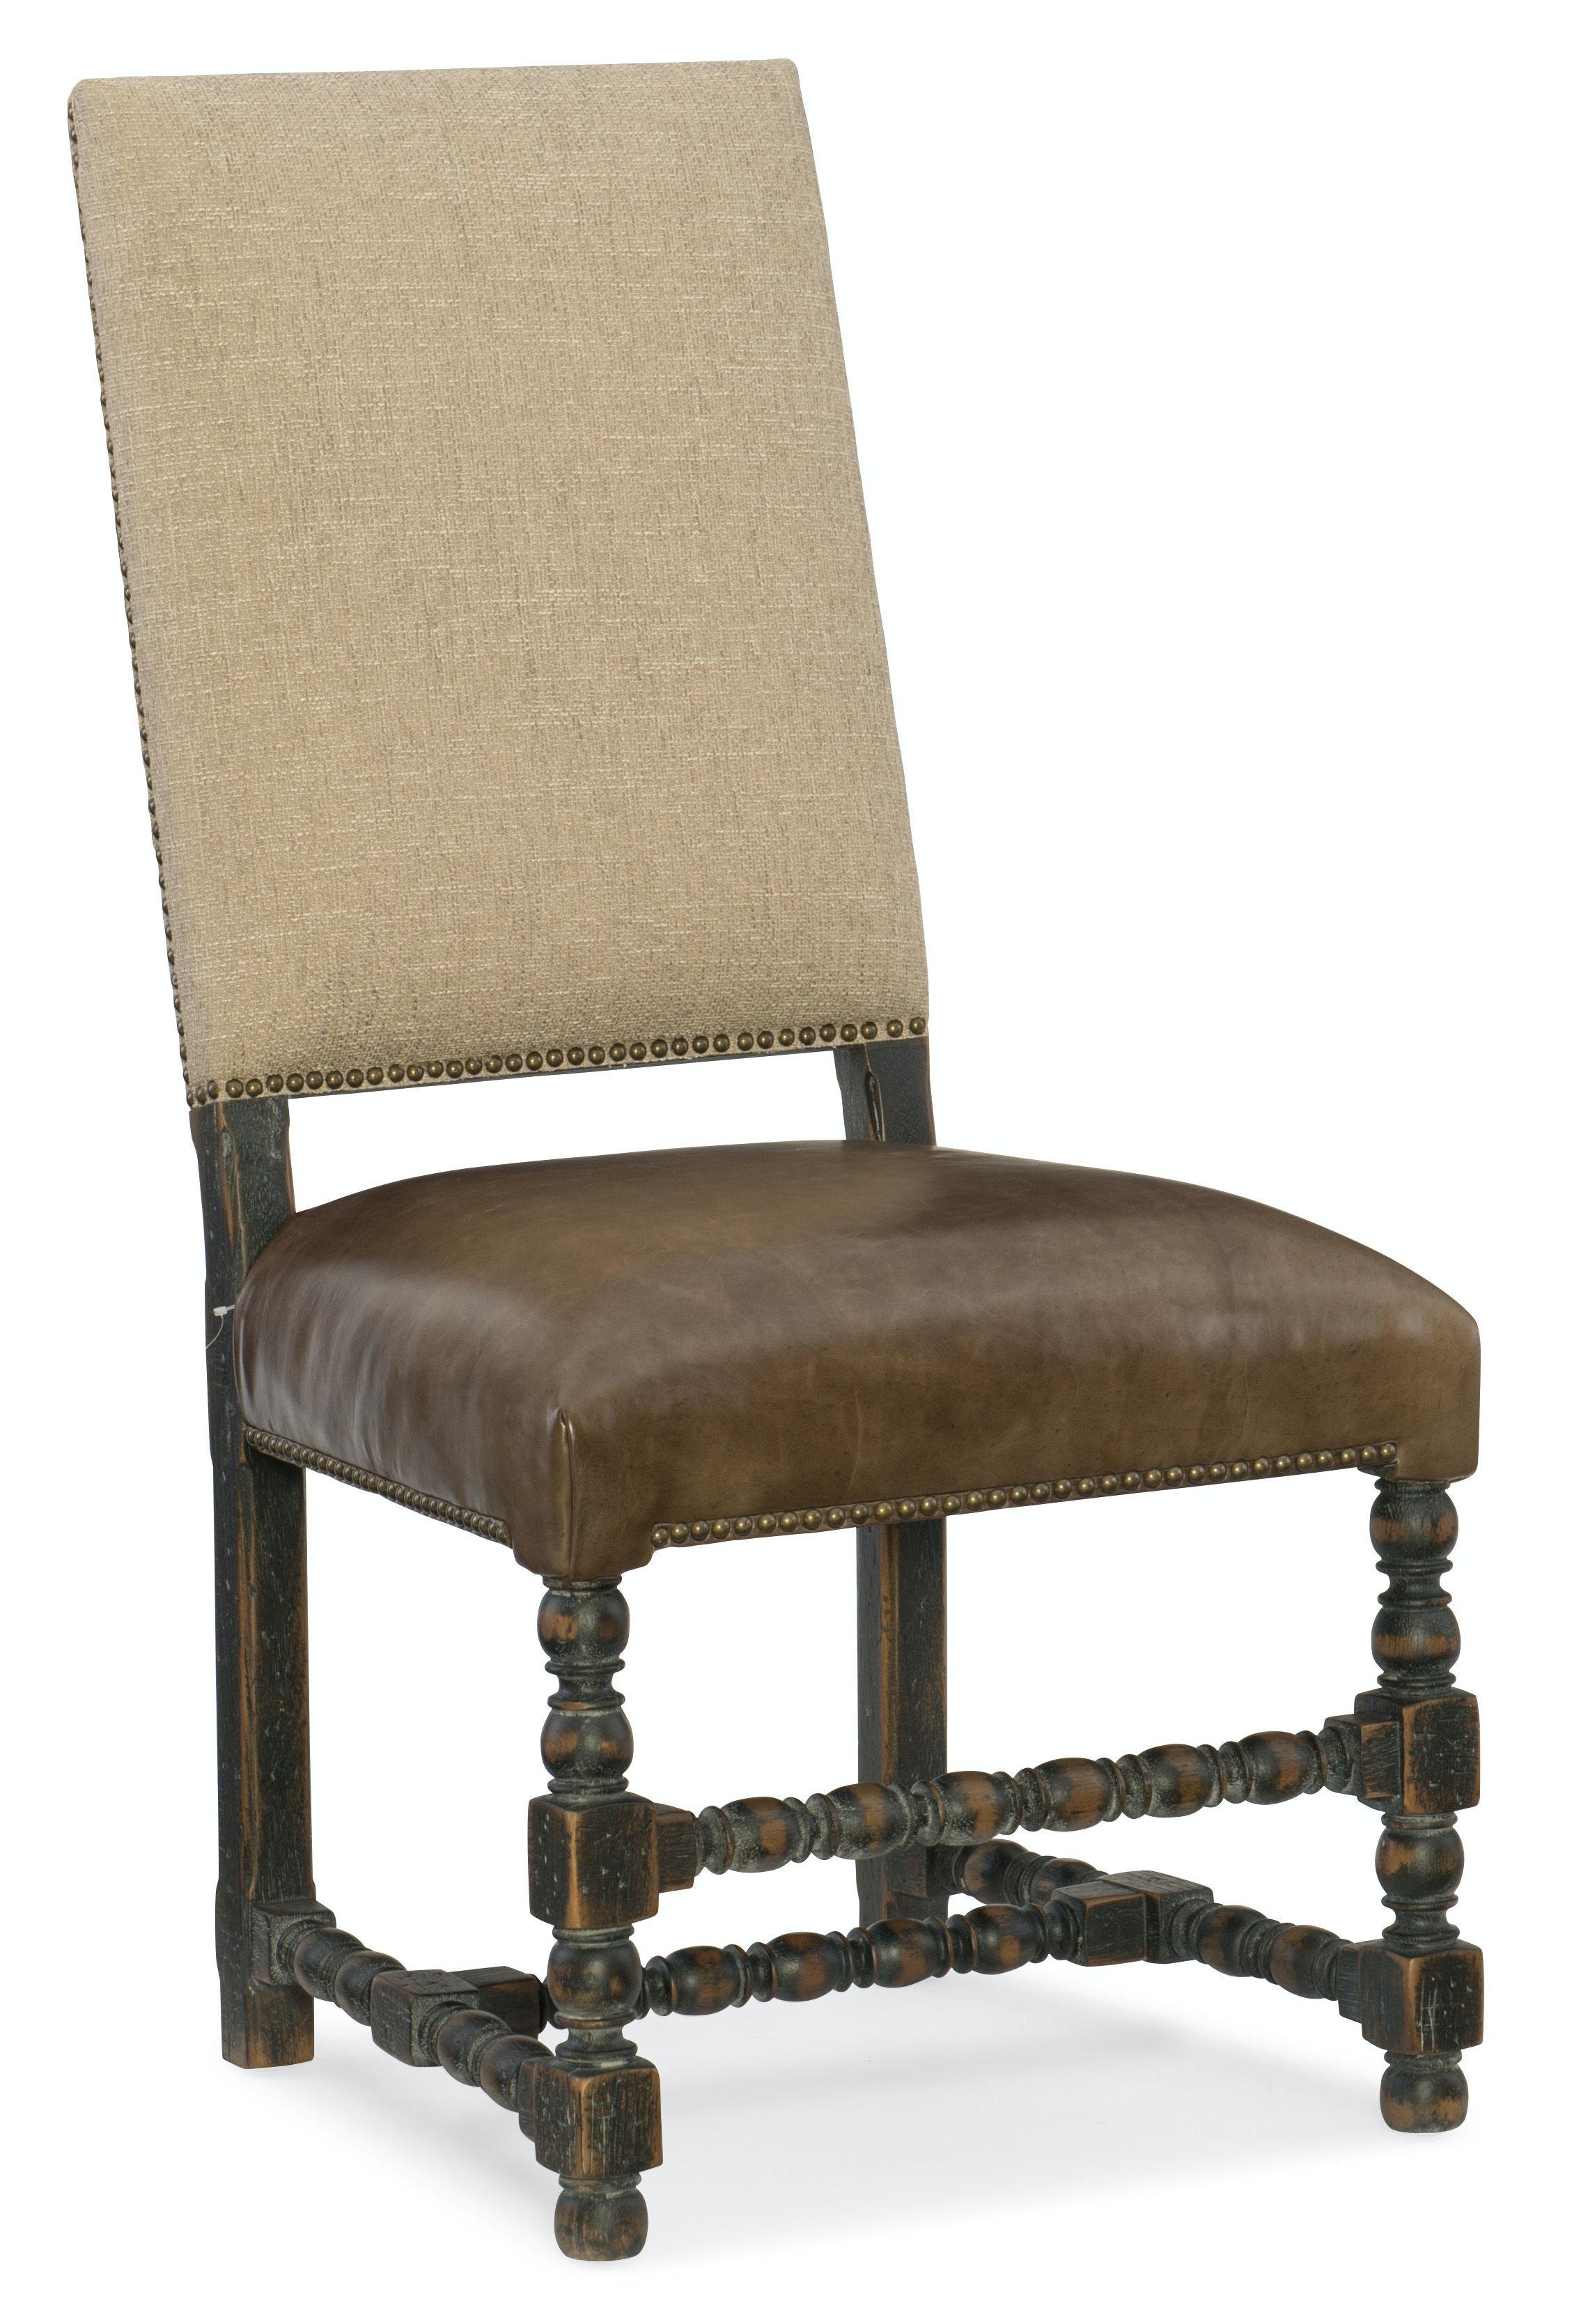 Hooker Furniture Comfort Upholstered Side Chair 5960 75410 BLK